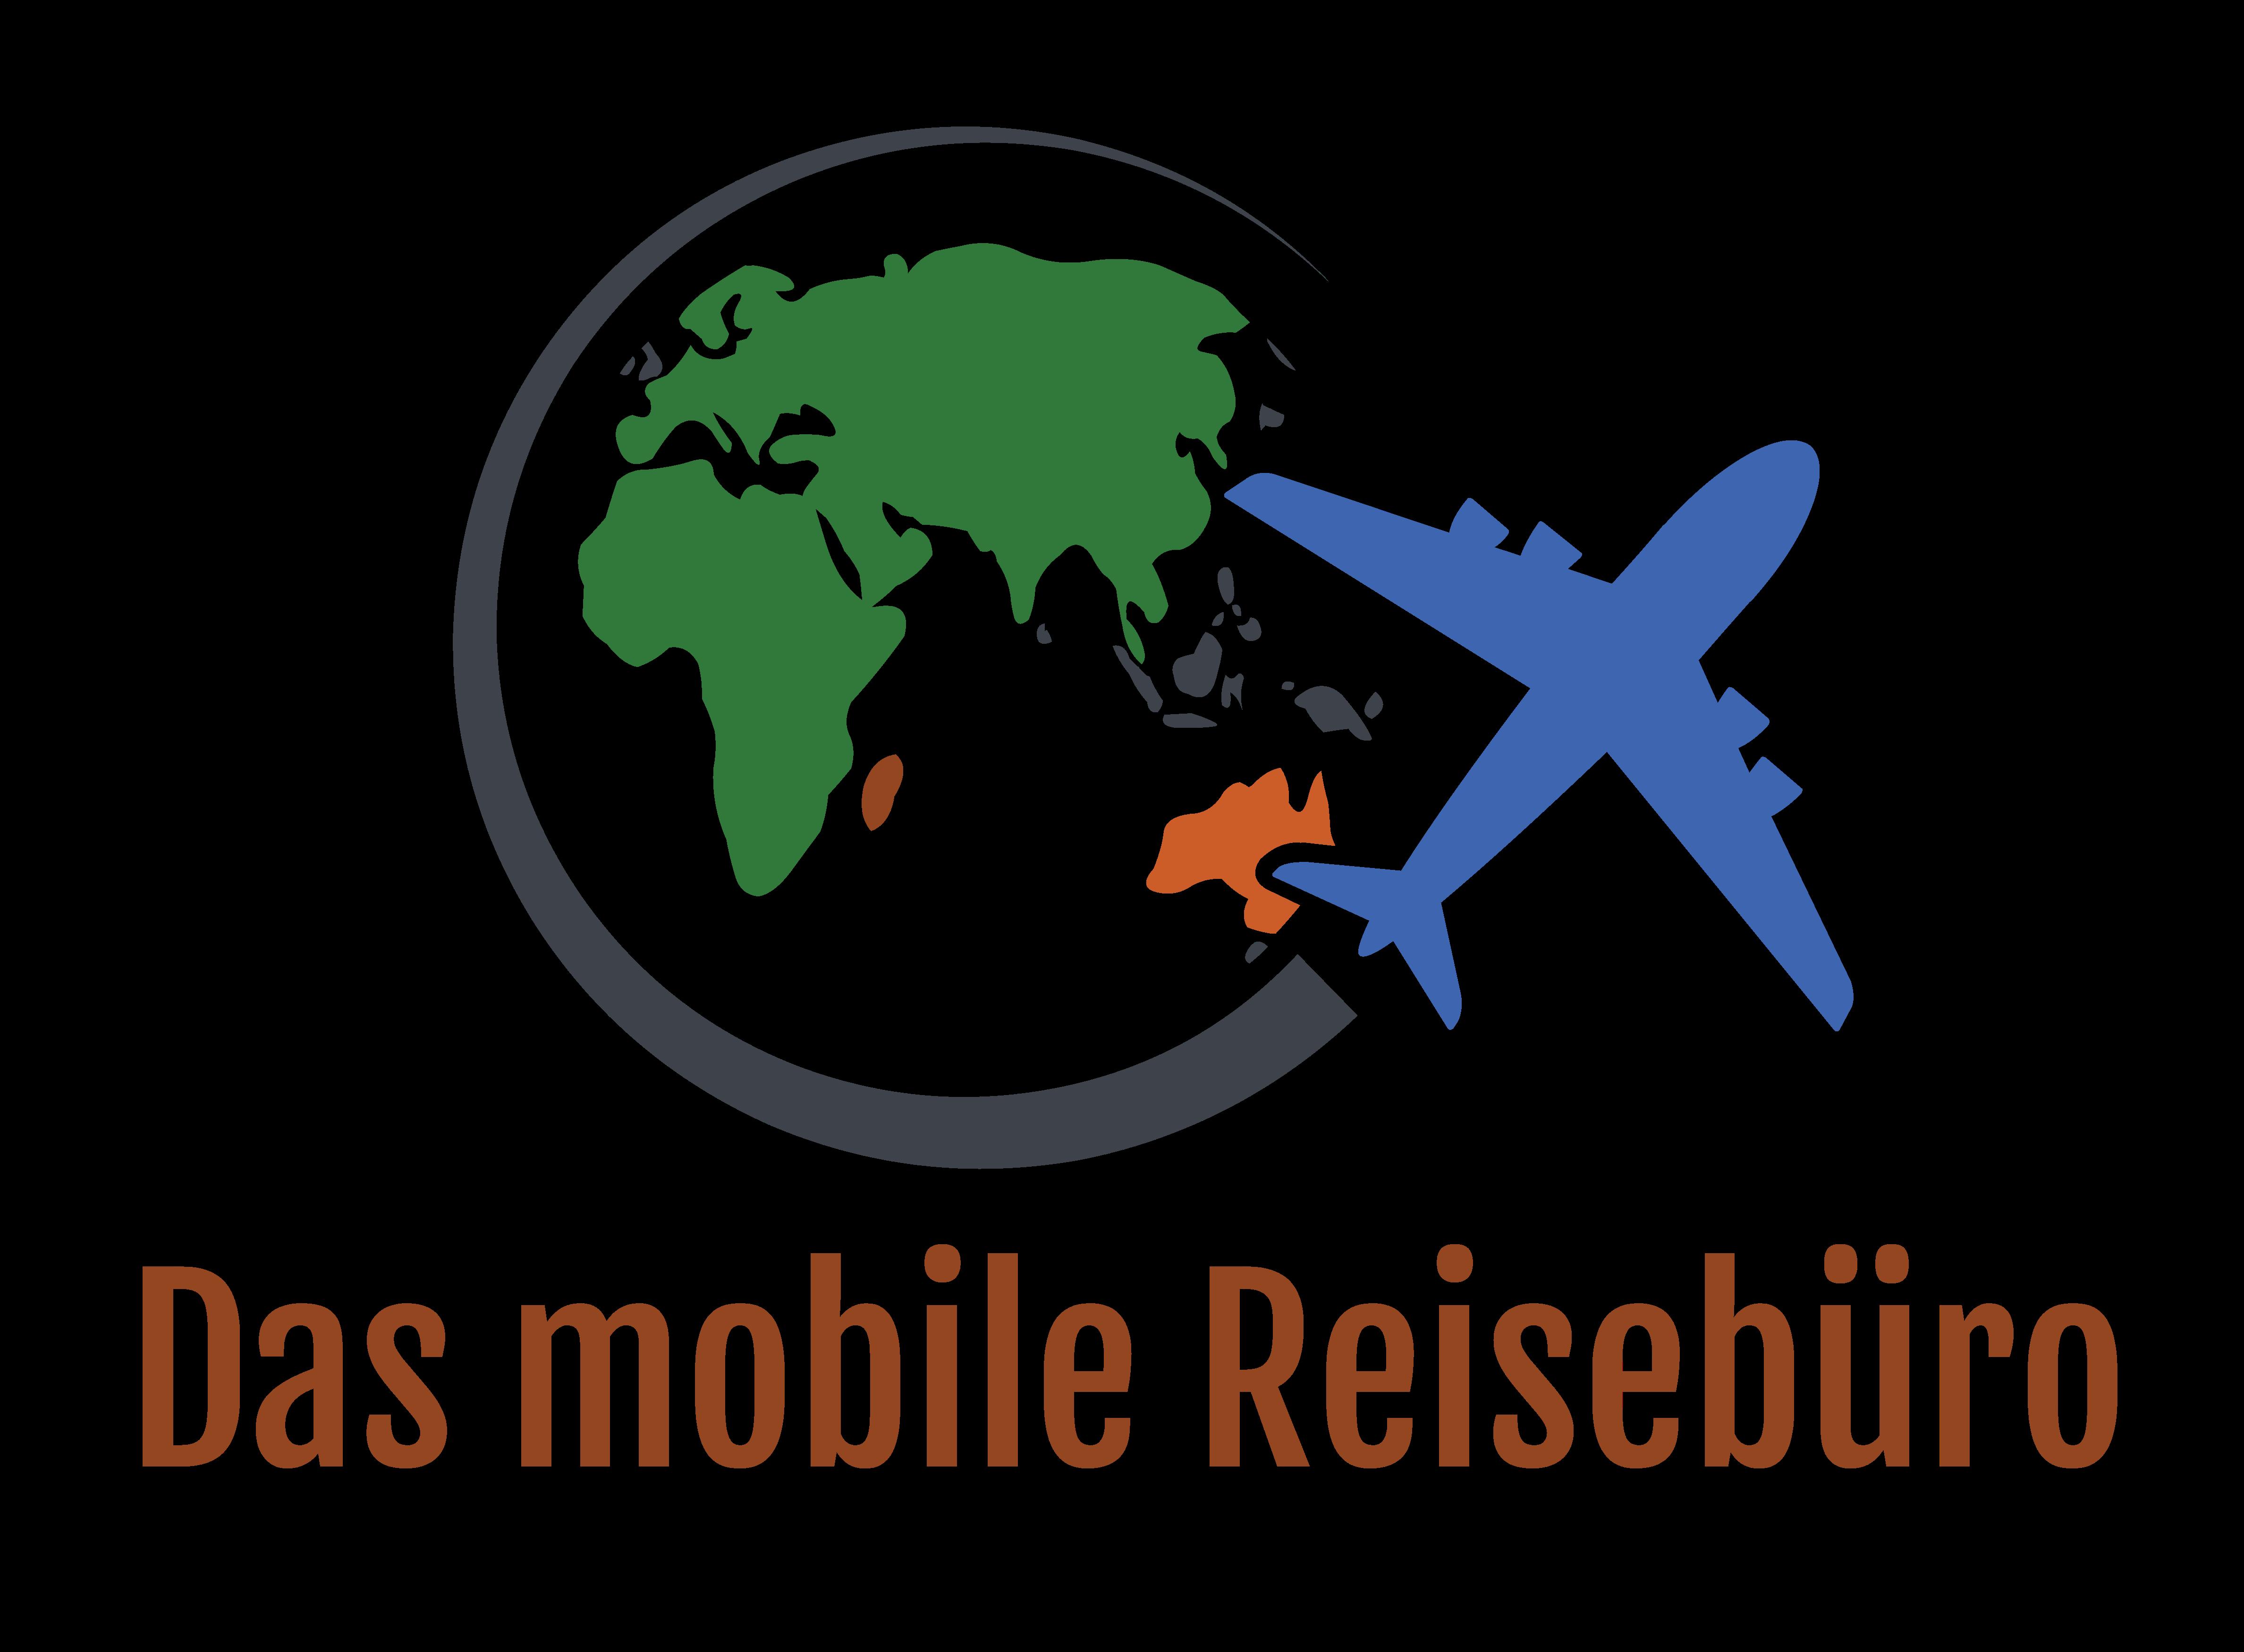 Das mobile Reisebüro, Inh. Heidi Deppner